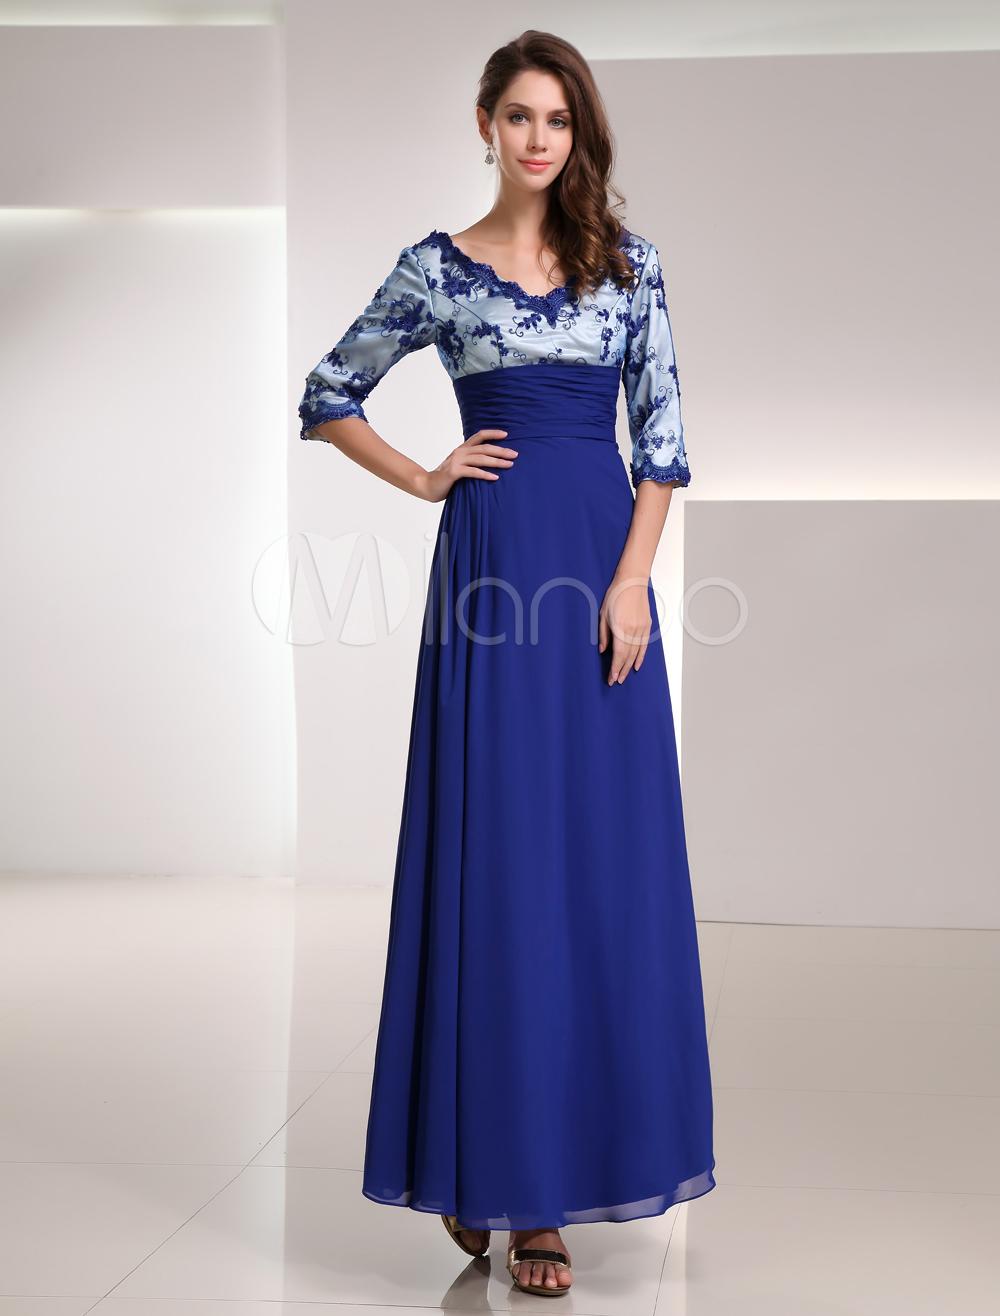 Royal Blue Chiffon Lace V-neck Half Sleeve Mother of the Bride Dress $136.46 AT vintagedancer.com